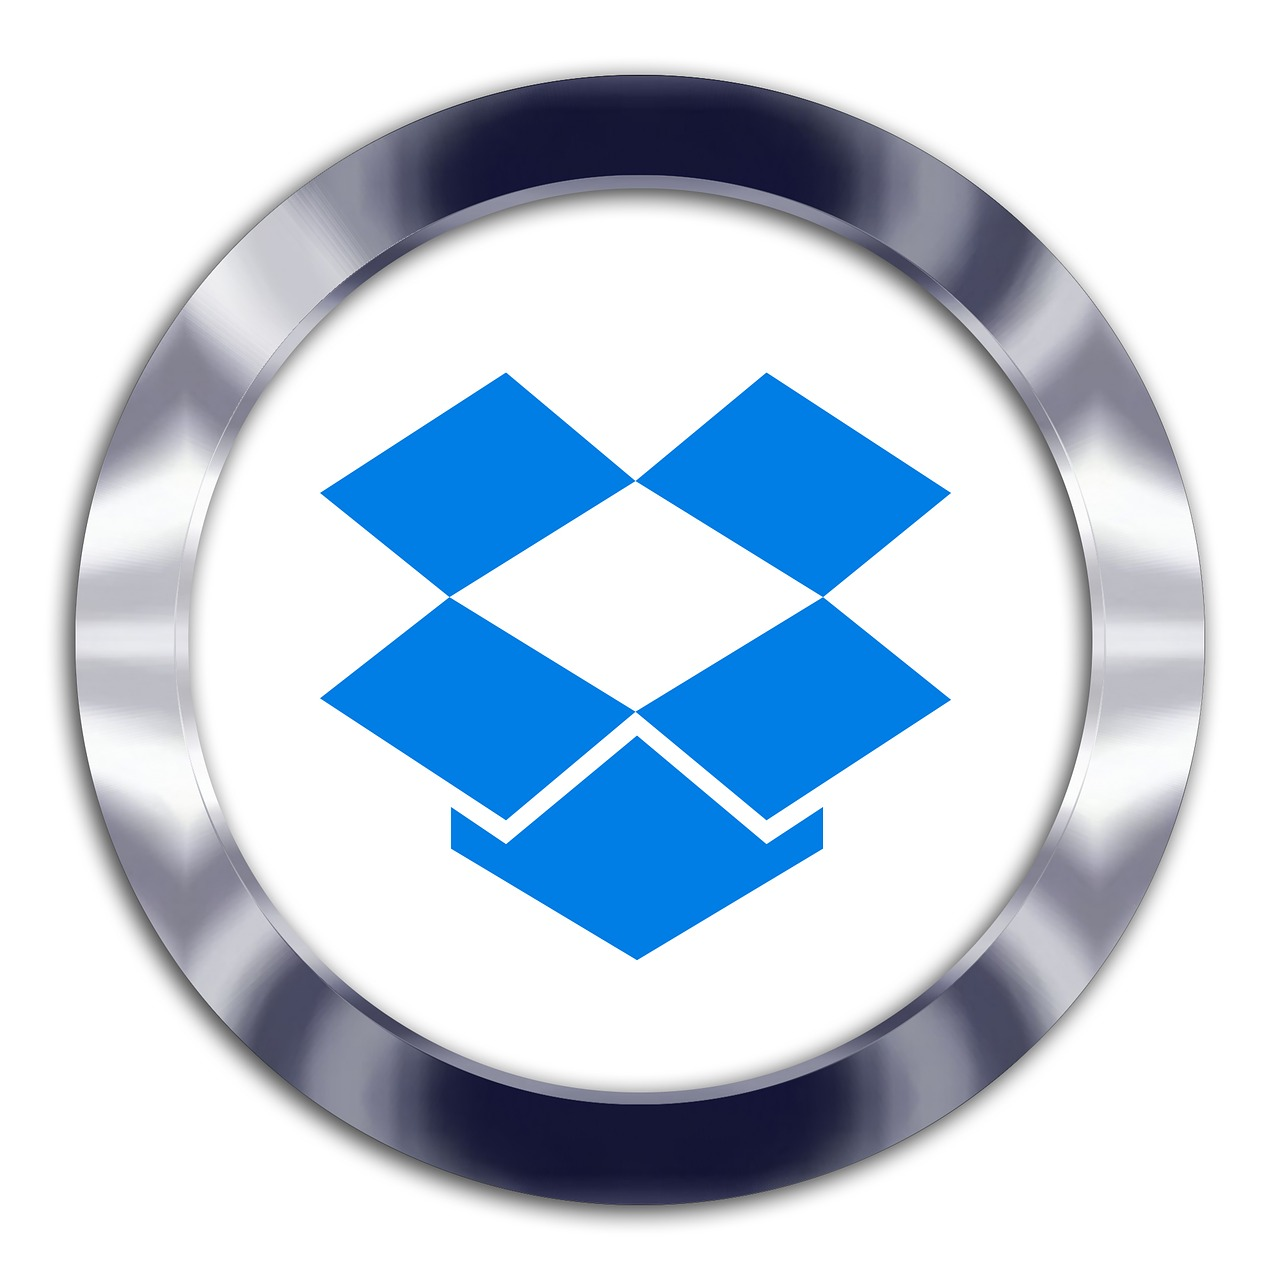 【Dropbox】インストールから基本的な使い方まで解説